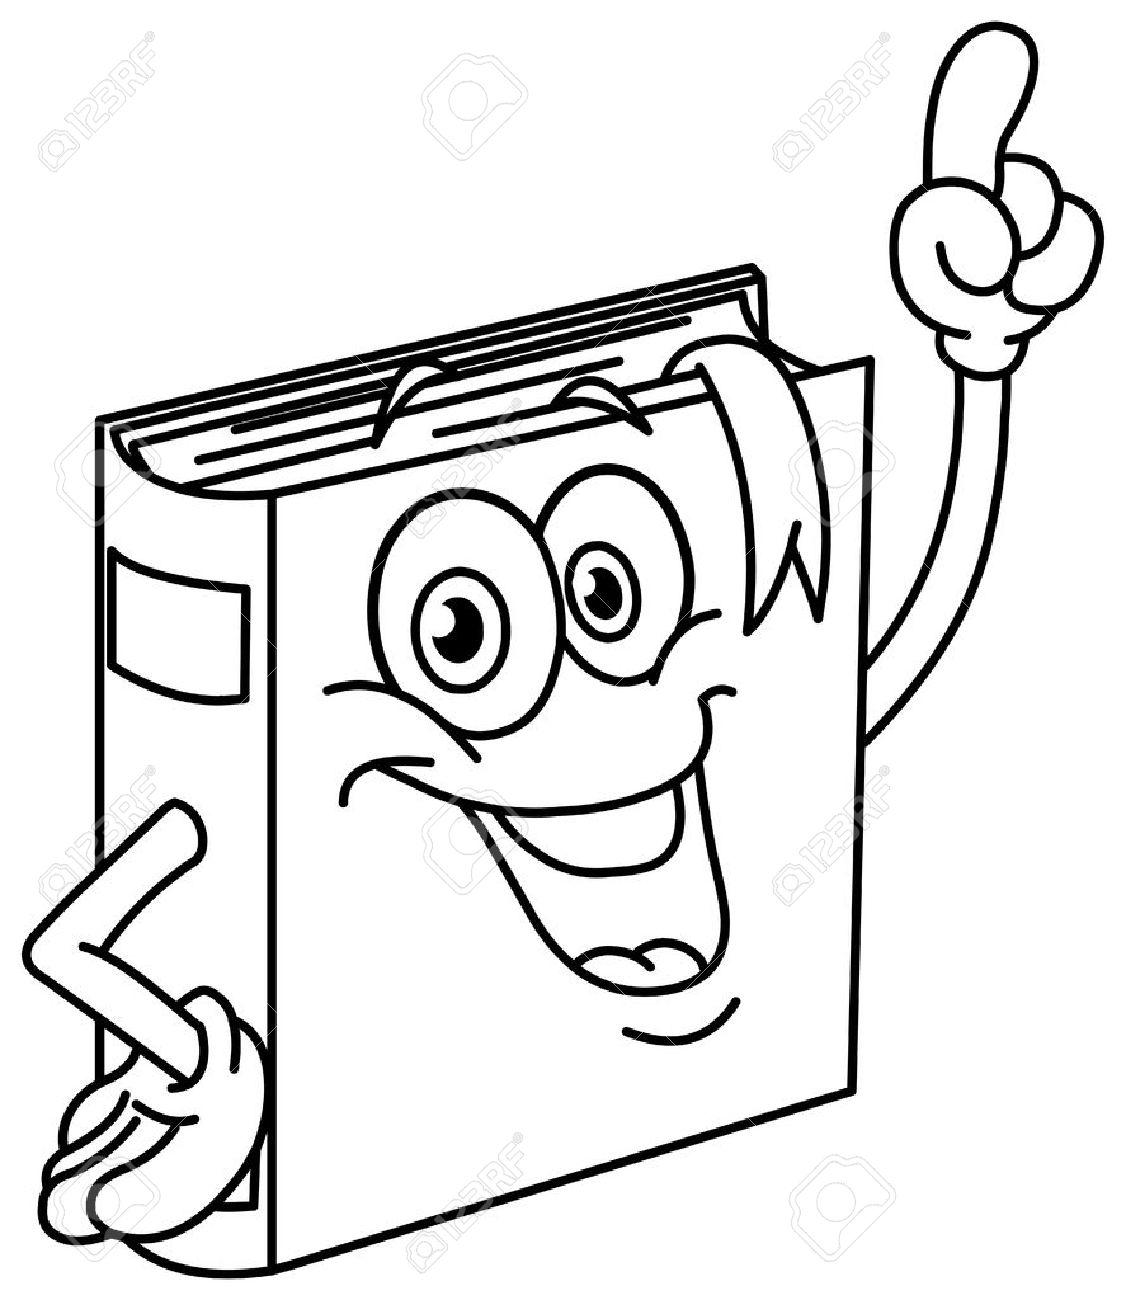 Esbozado Dibujo Animado Libro Señala Con Su Dedo. Vector Las